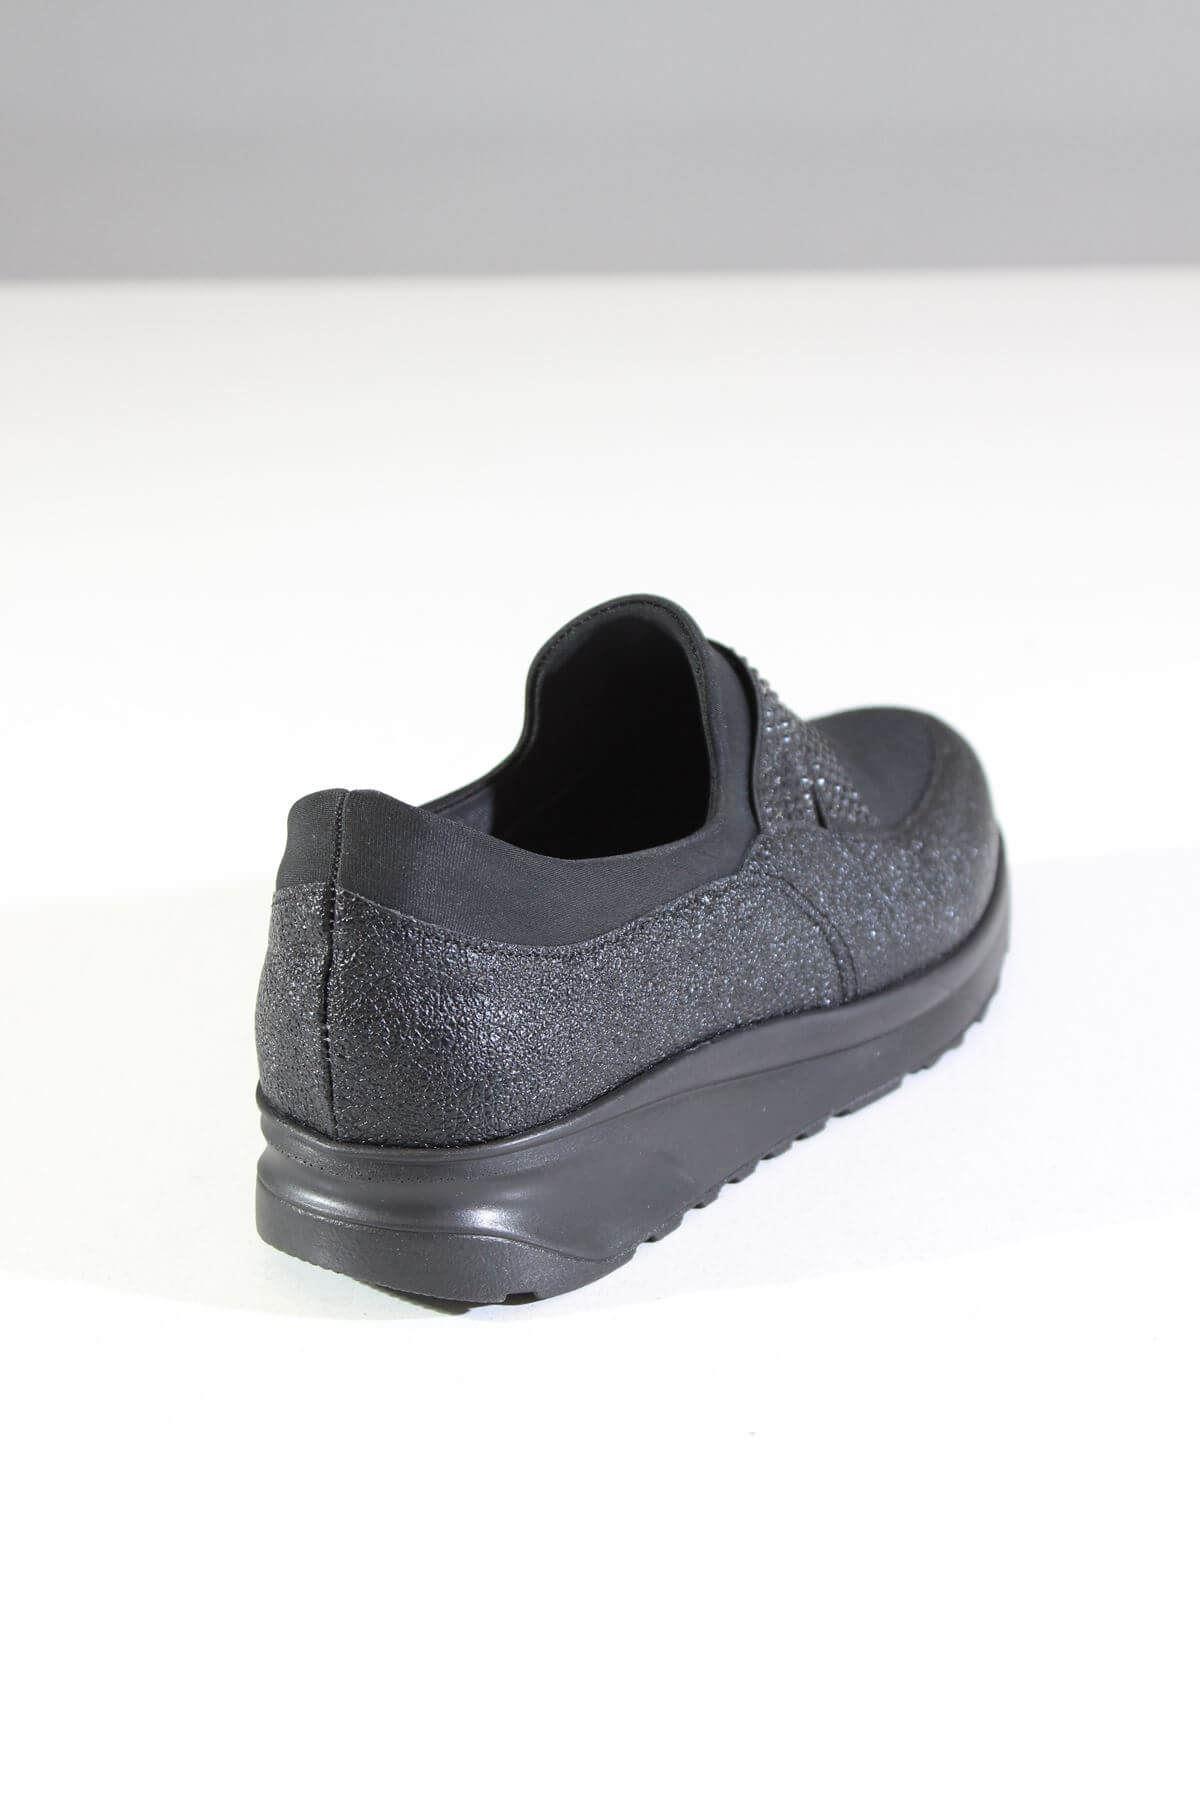 Trend Ayakkabı 0055 Siyah Simli Ayakkabı